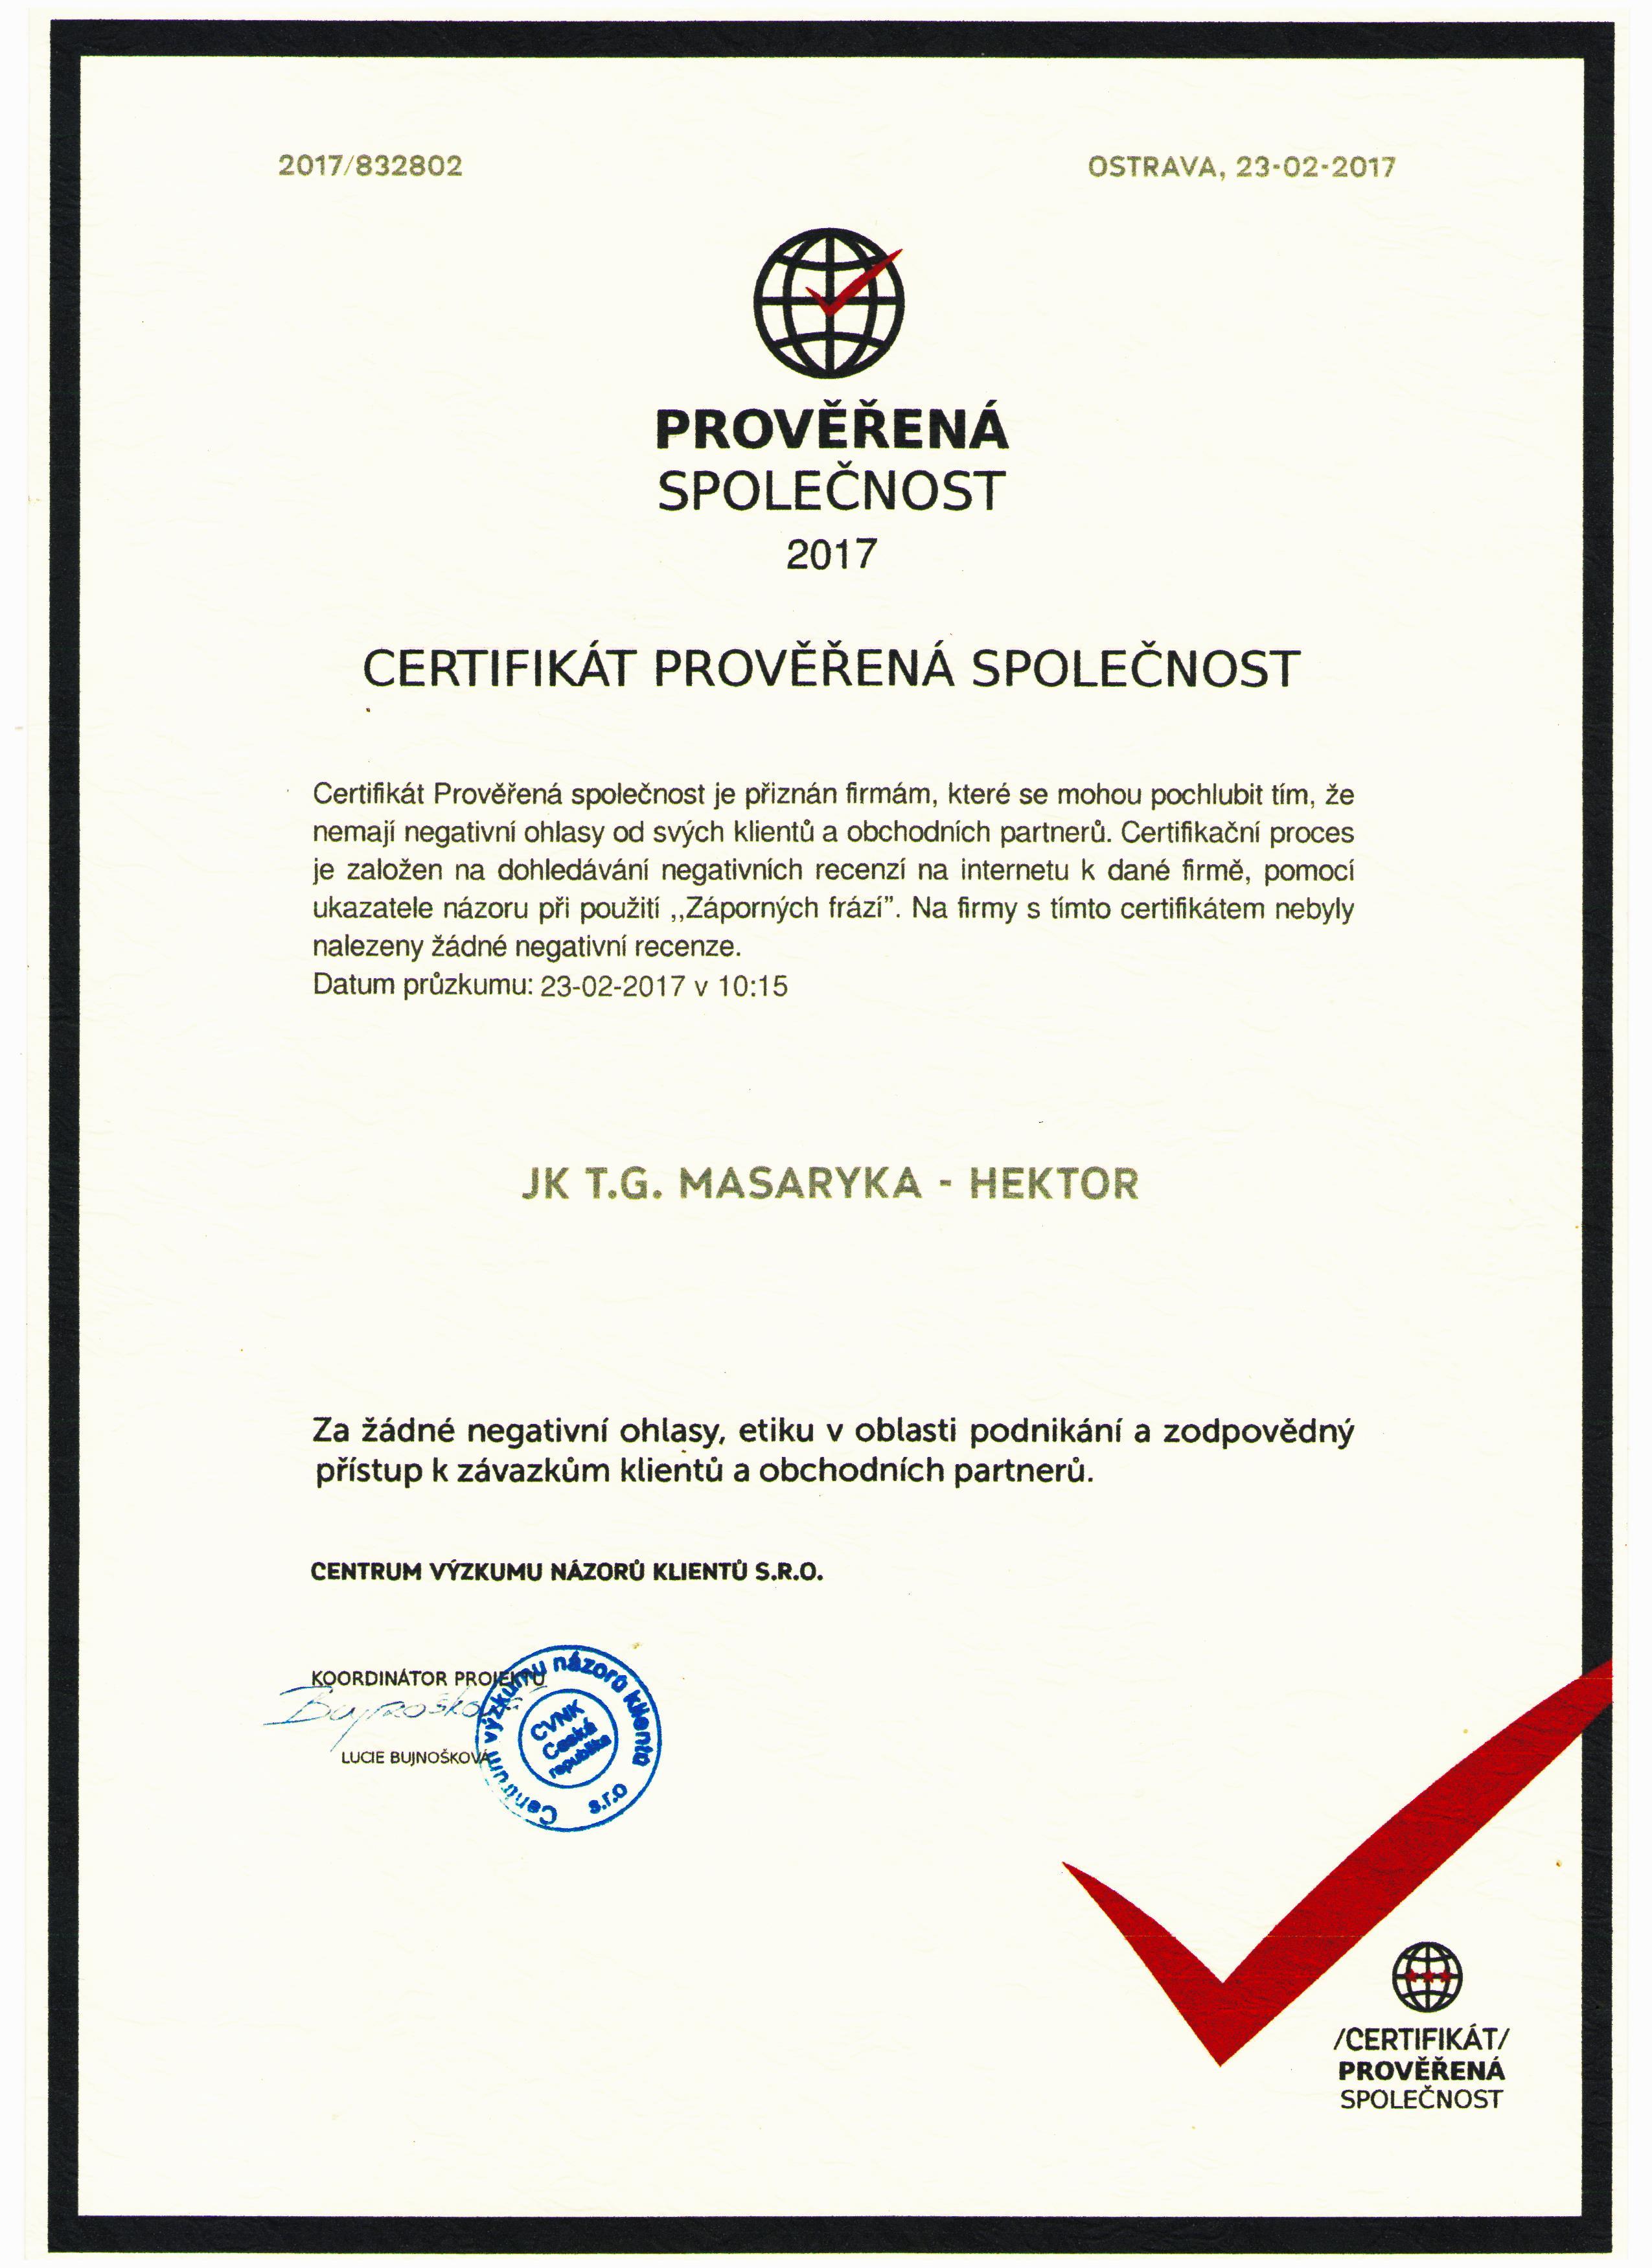 Certifikát Prověřená společnost